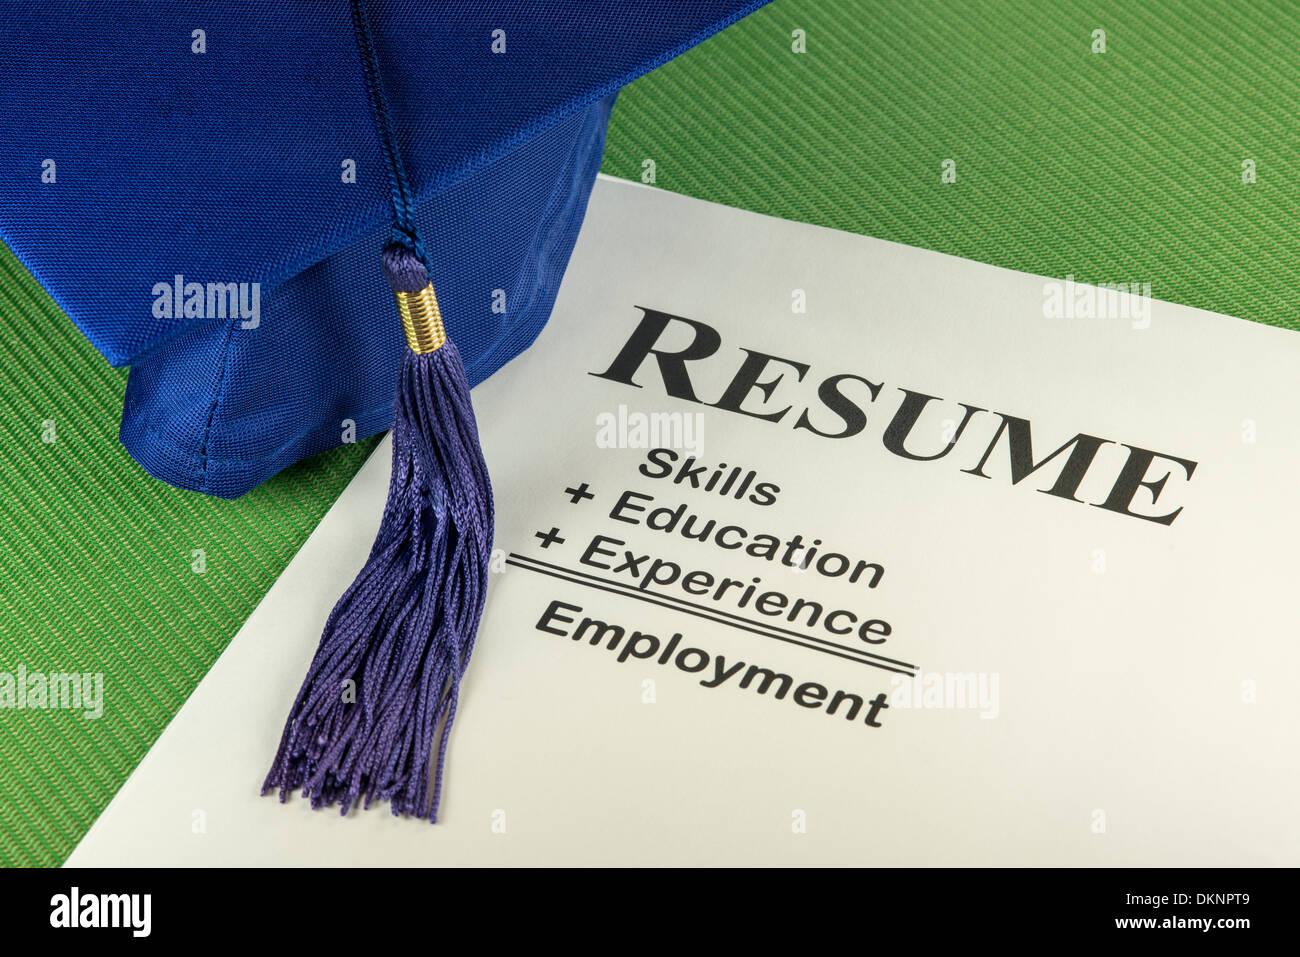 Erfolgreiche Bewerber Lebenslauf: Fähigkeiten + Ausbildung + Erfahrung = Beschäftigung Stockbild